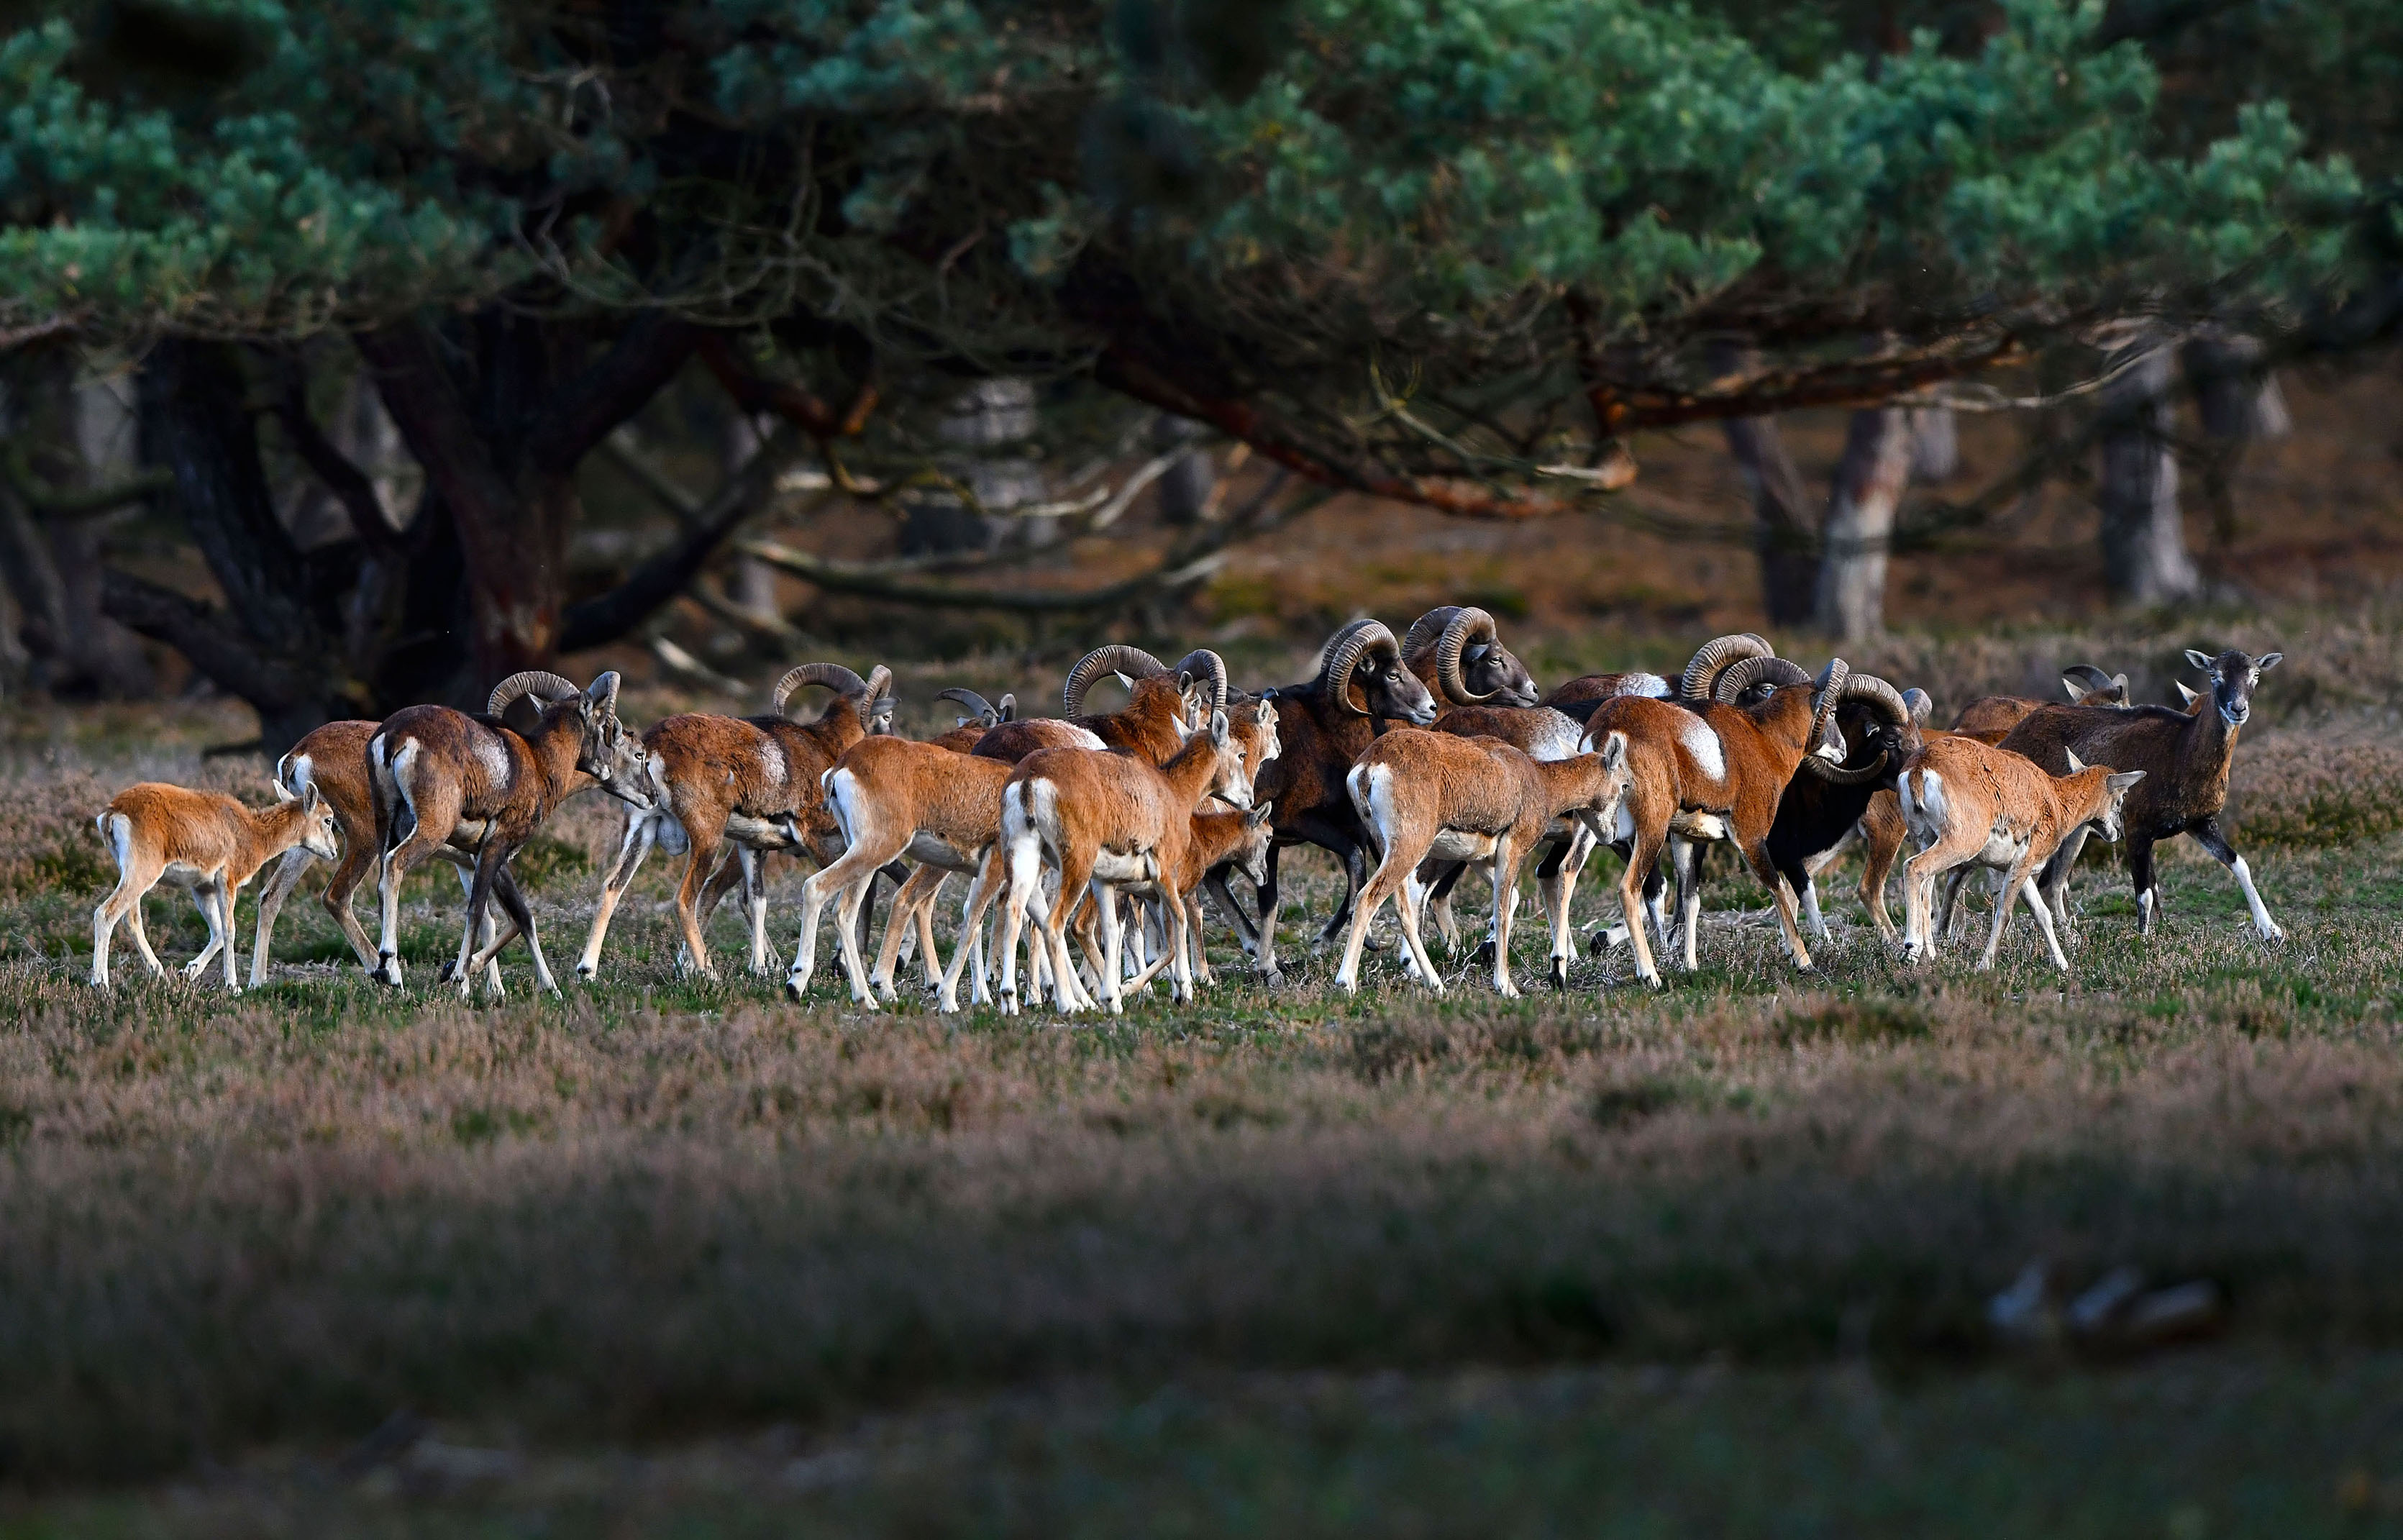 Ondanks het gedoe met de rammen, gaat de kudde onverstoorbaar hun weg – Foto: ©Louis Fraanje